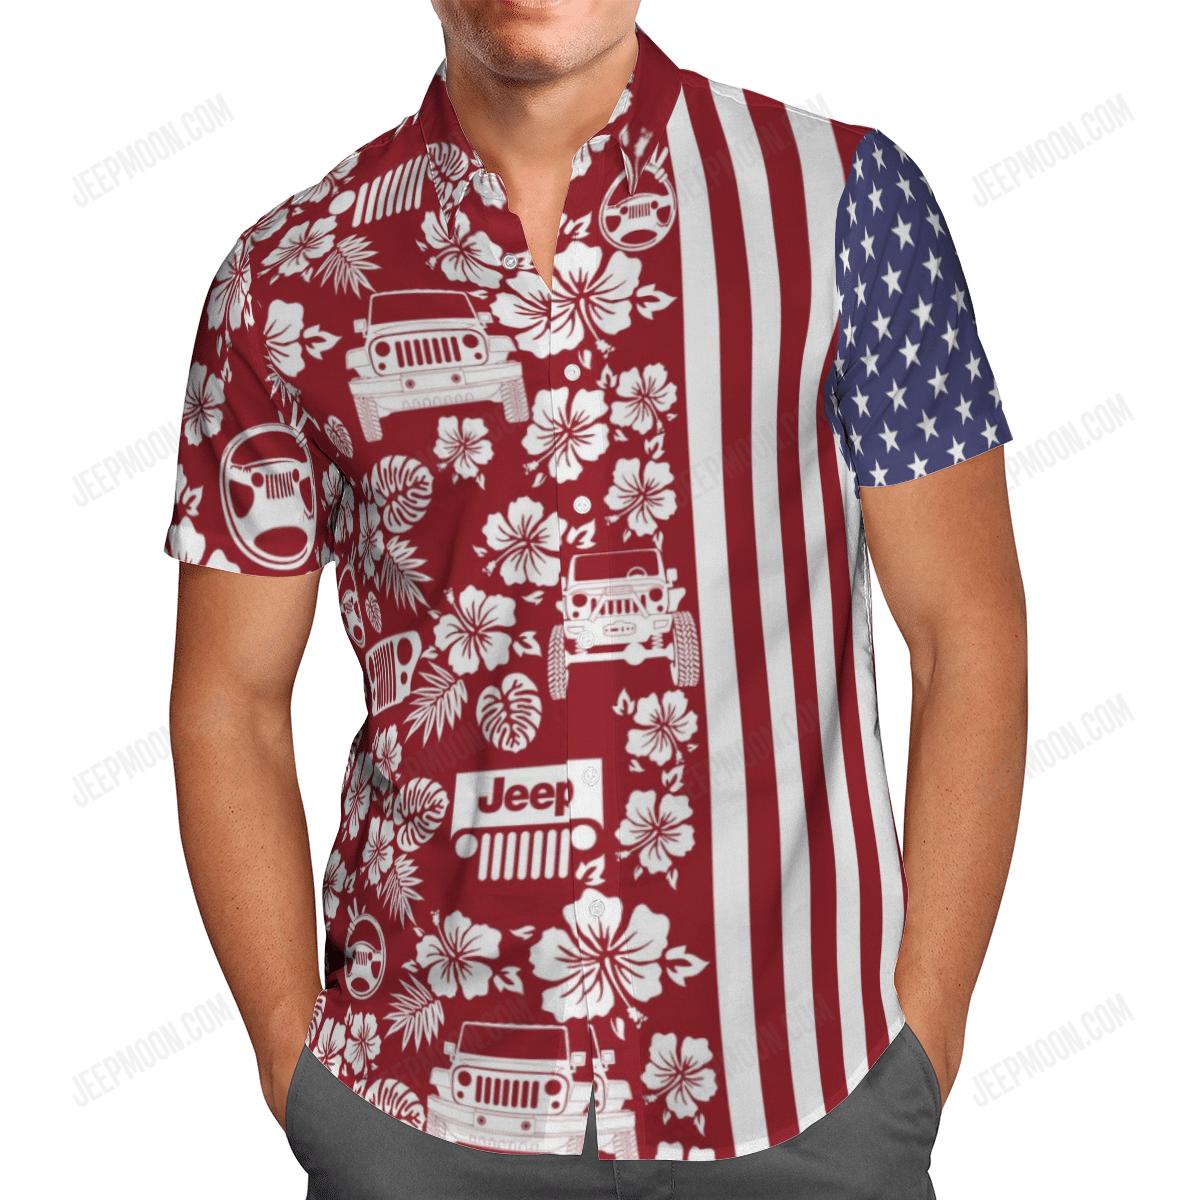 Jeep American Flag Hawaiian Shirt 2